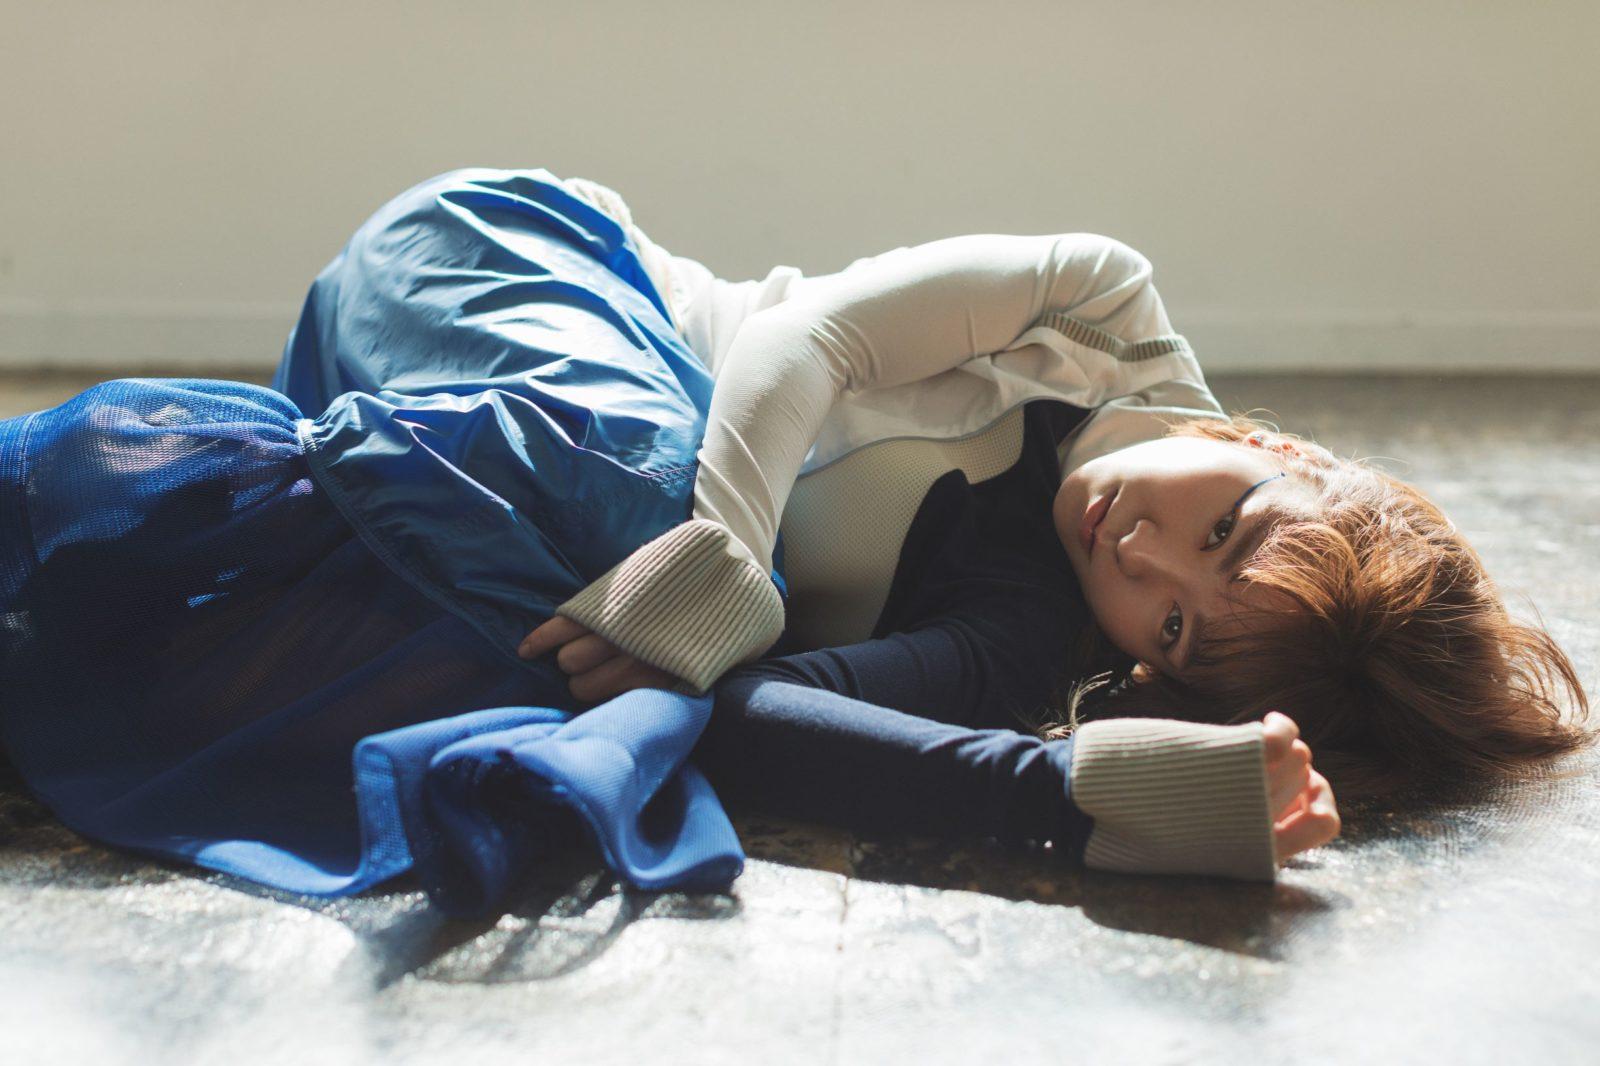 みるきーうぇい、3rd mini AL「僕らの感情崩壊音」より新曲「出席番号」小説&映像作品&音楽配信ついに解禁サムネイル画像